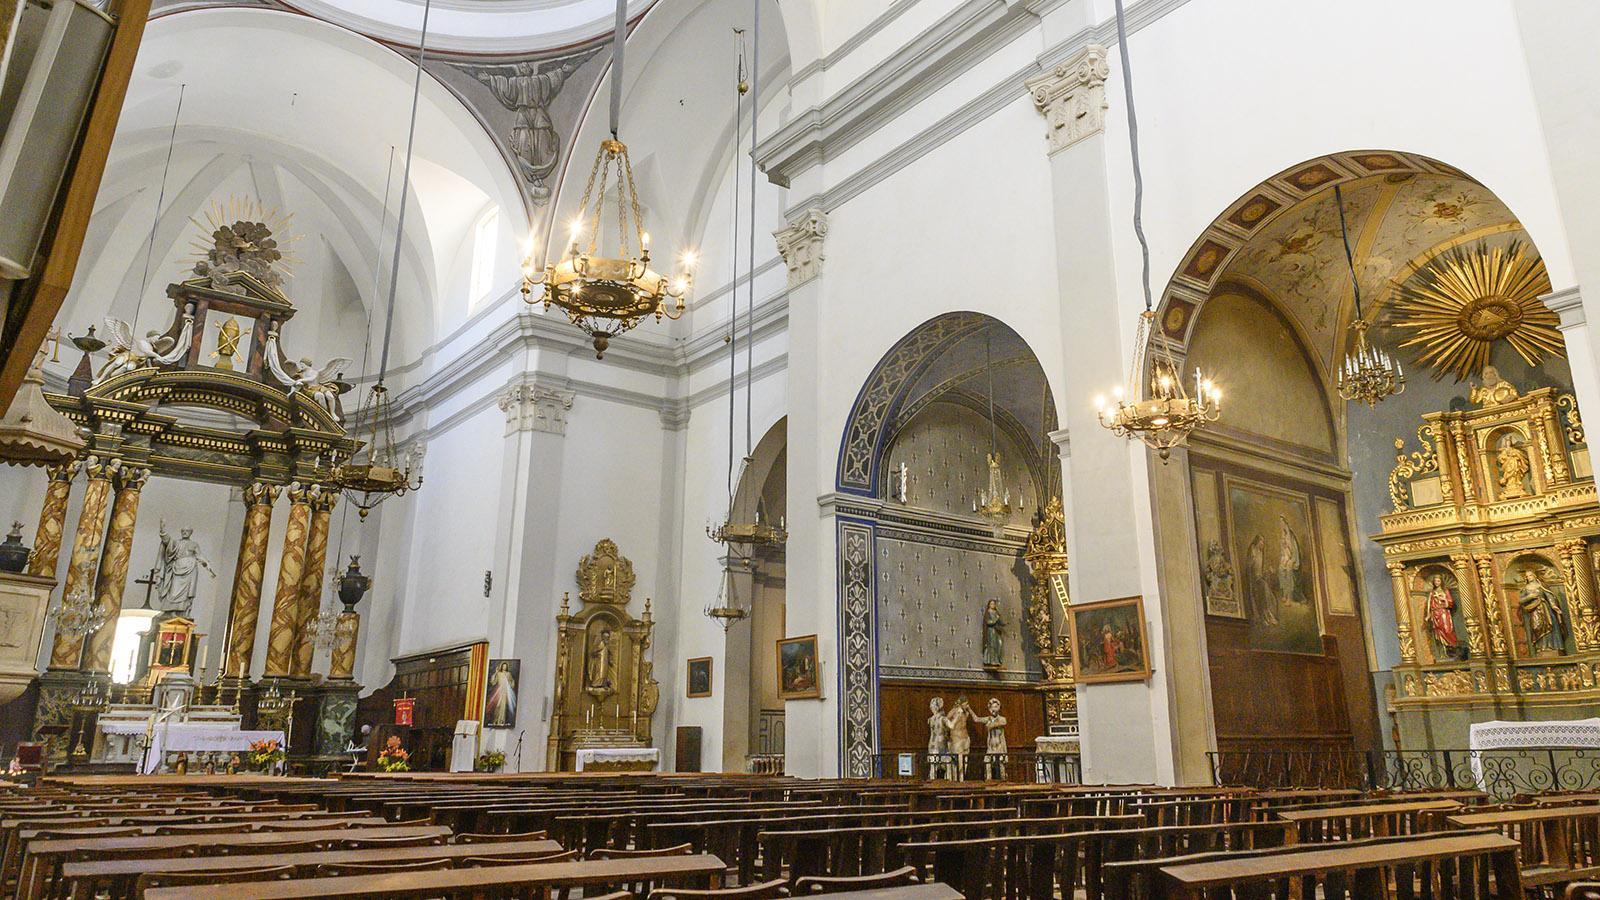 Céret: Glaubenshochburg im Herzen der Altstadt: die église Saint-Pierre. Foto: Hilke Maunder